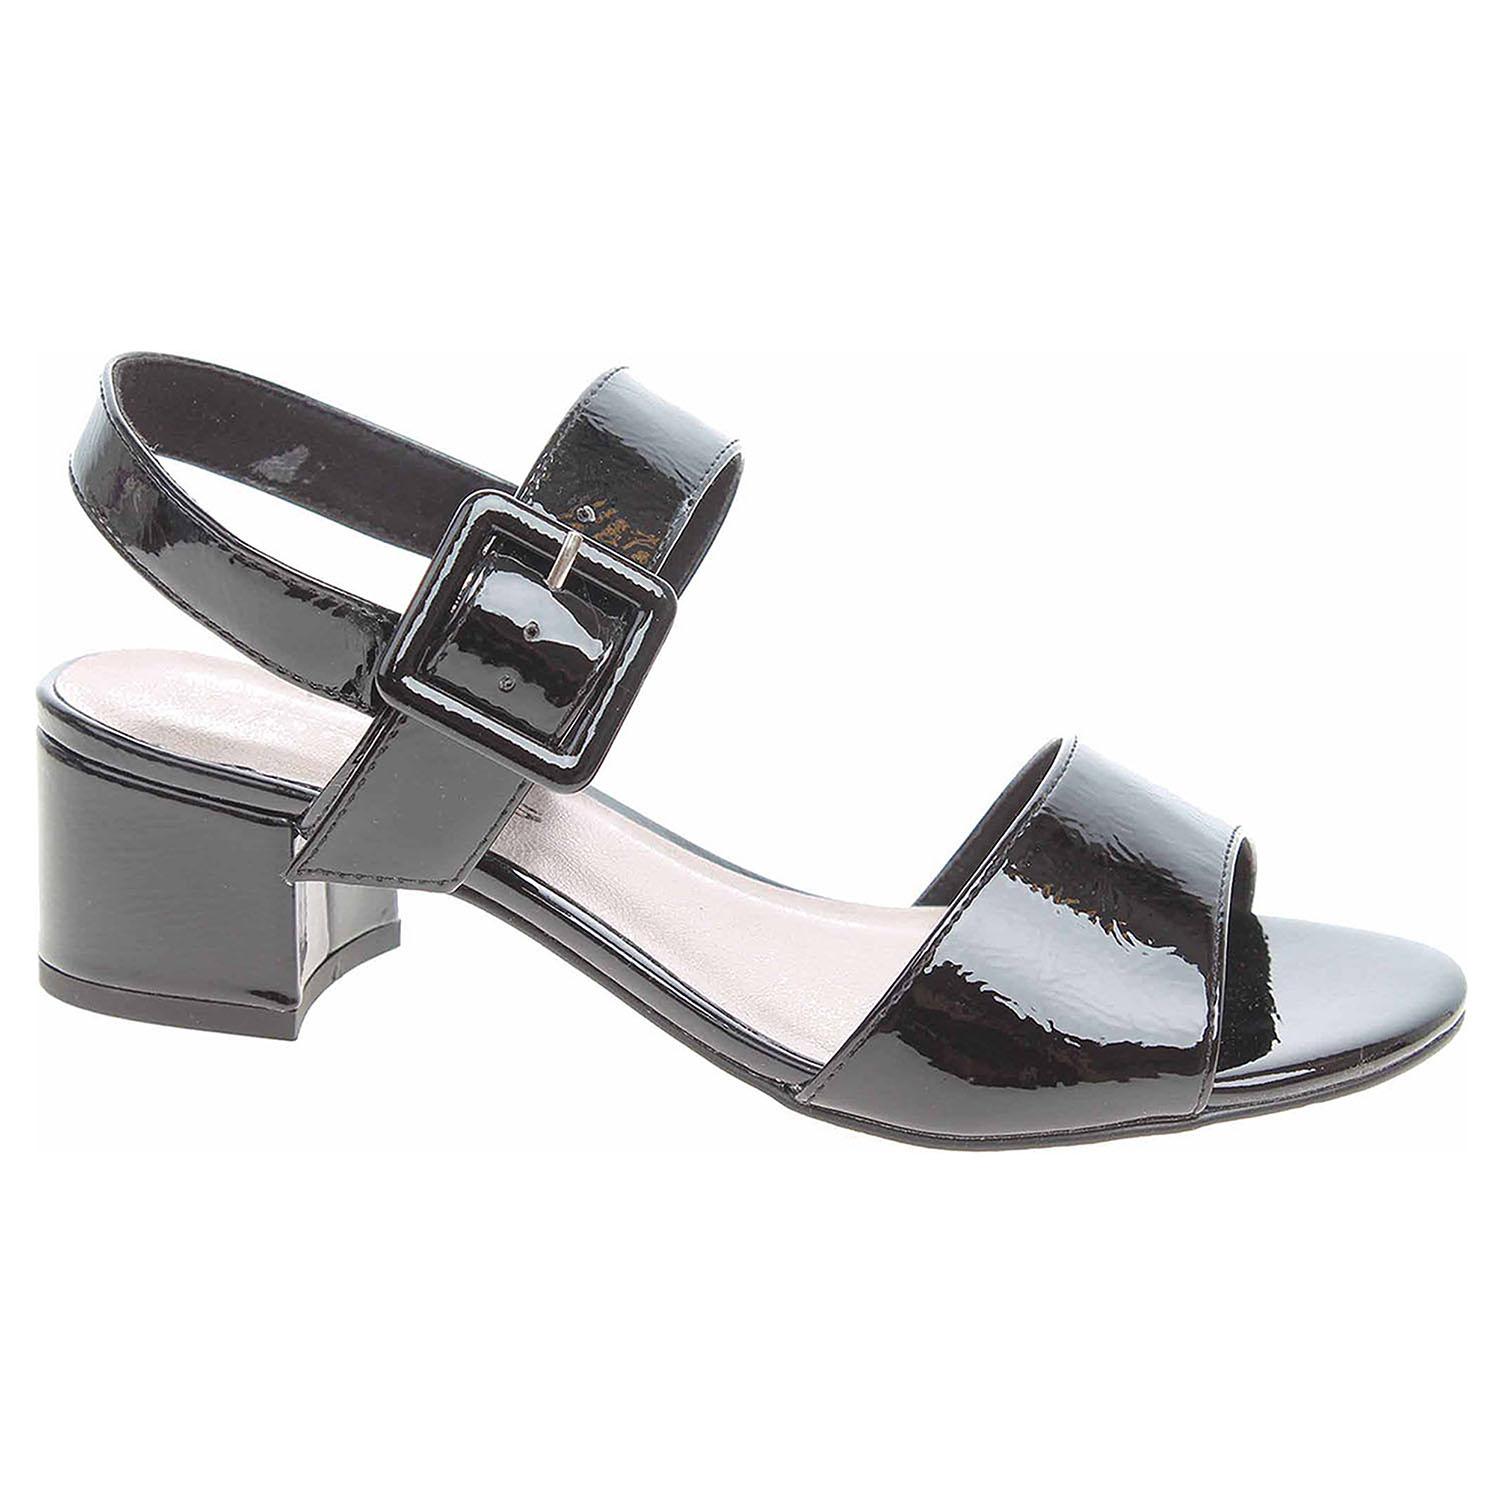 Dámská společenská obuv Tamaris 1-28211-22 black patent 1-1-28211-22 018 39